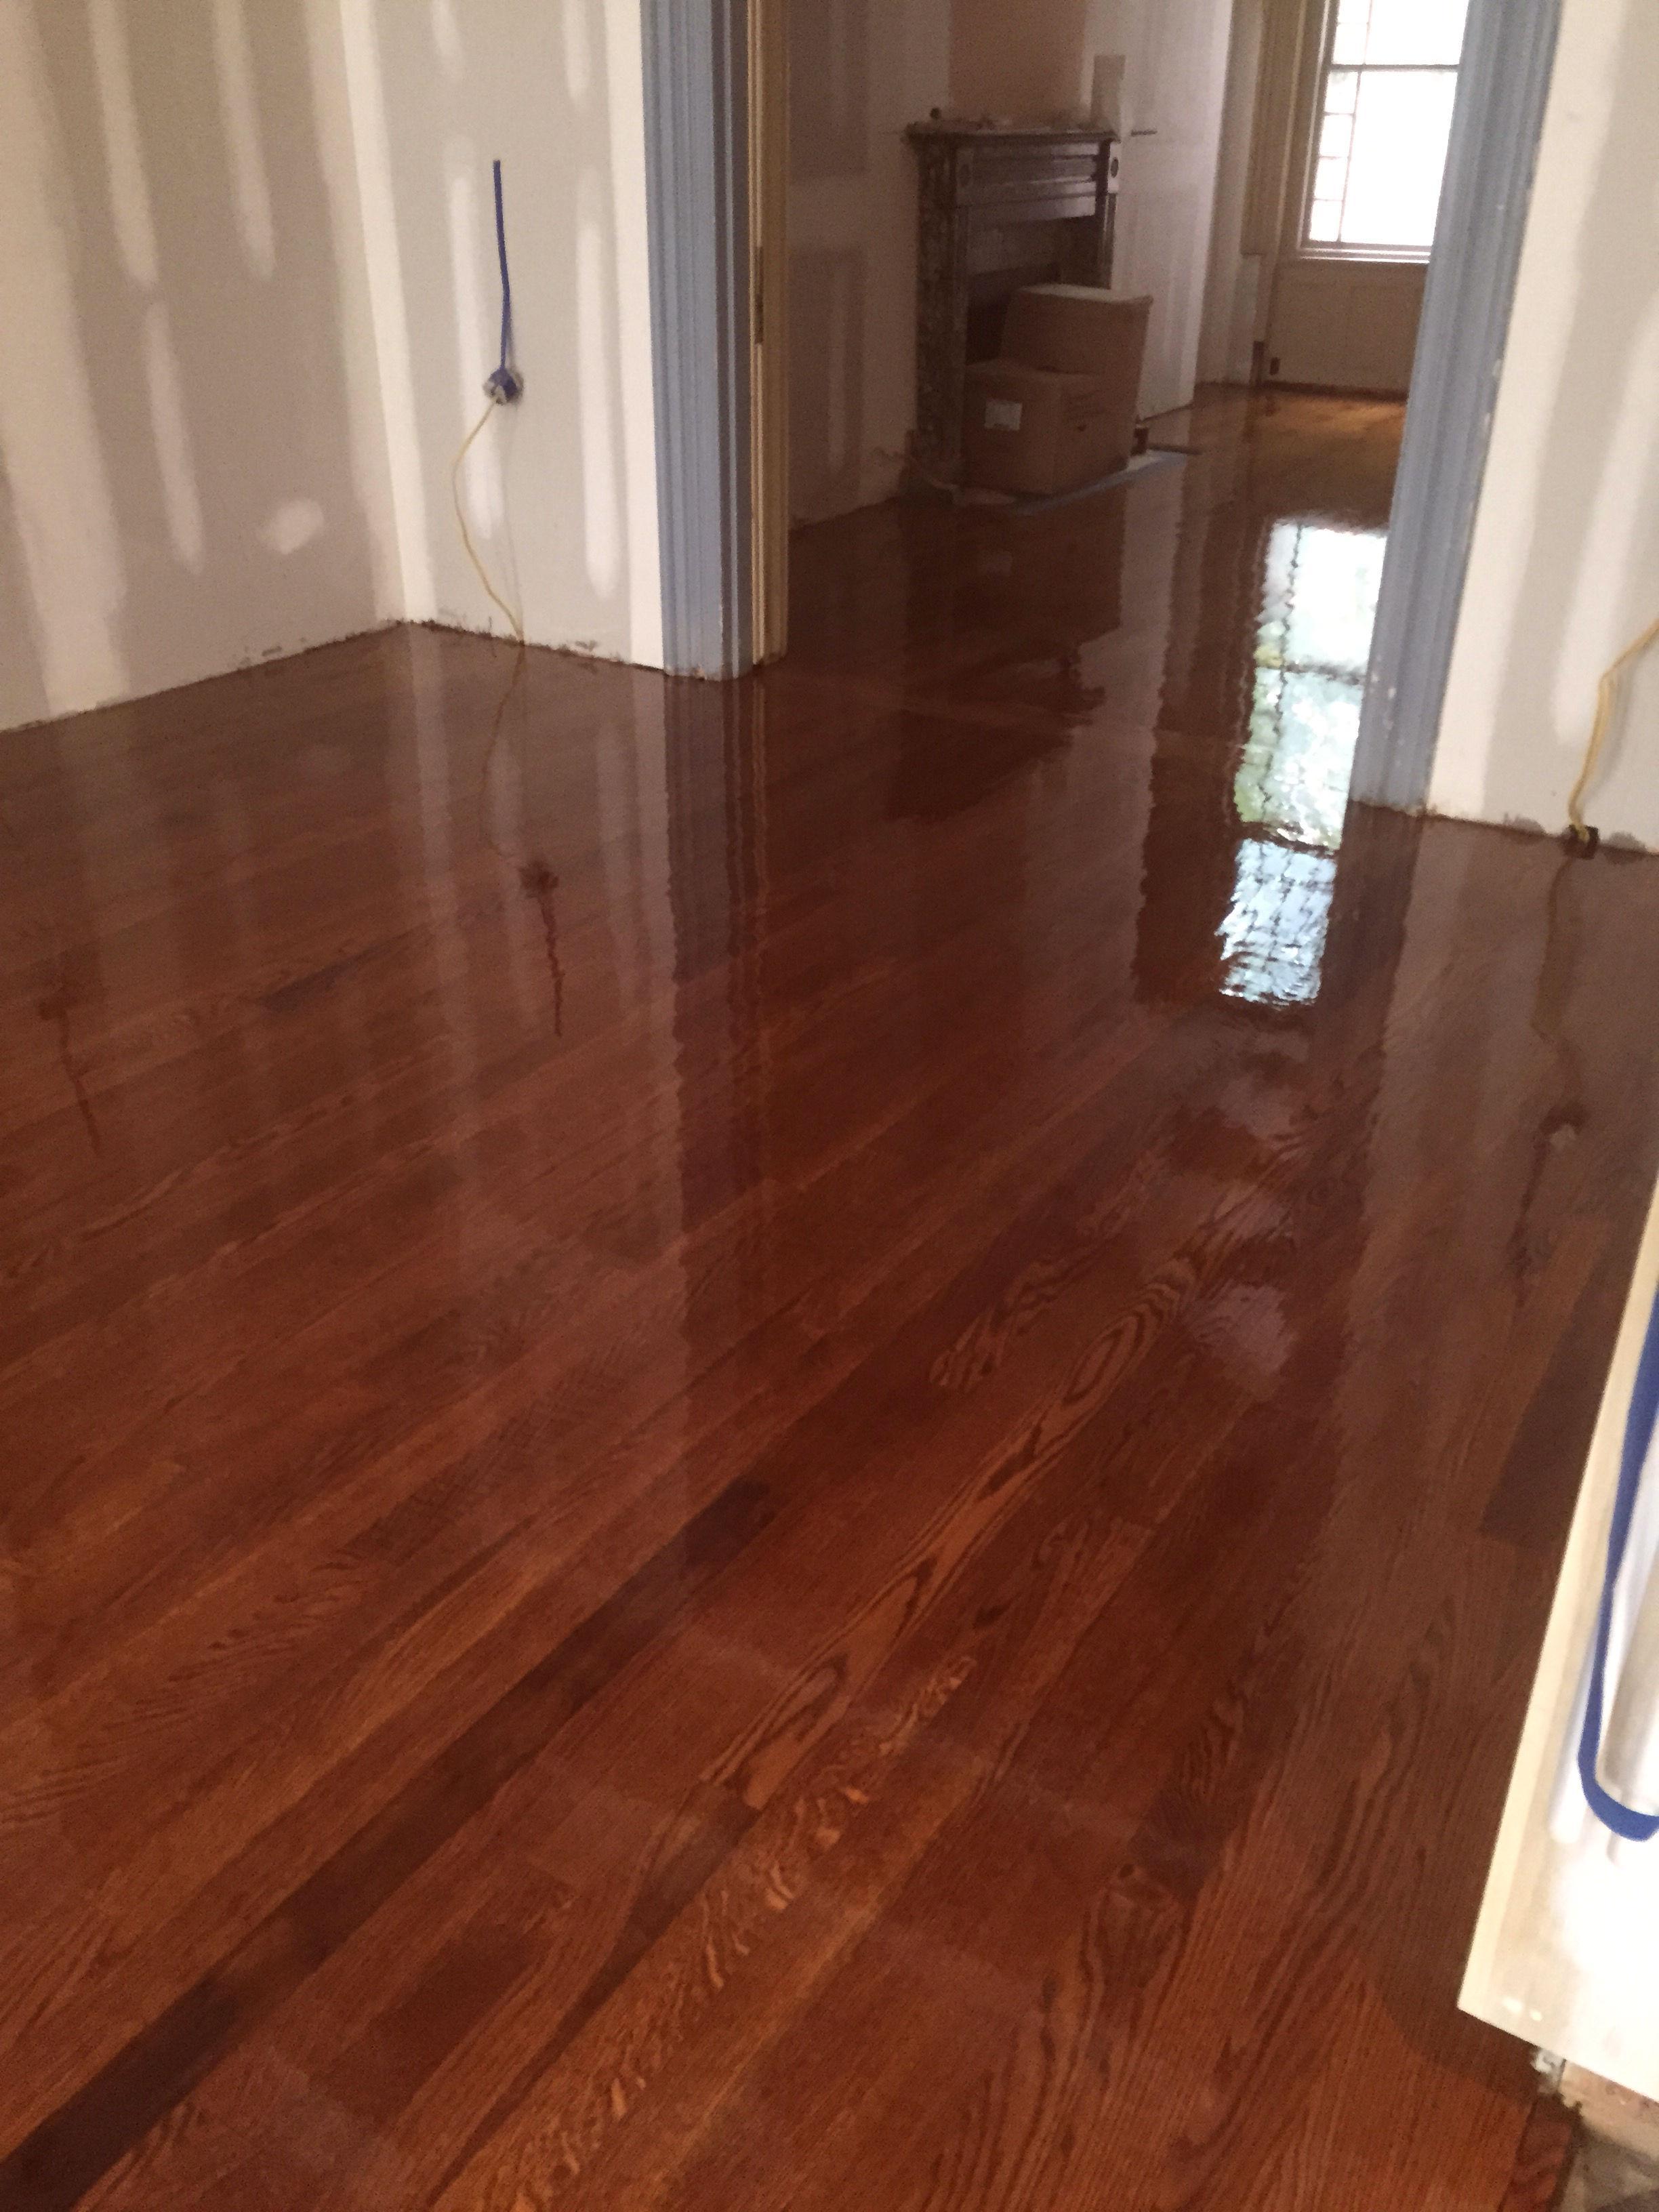 Joe DiNardis Hardwood Floors Refinishing image 10